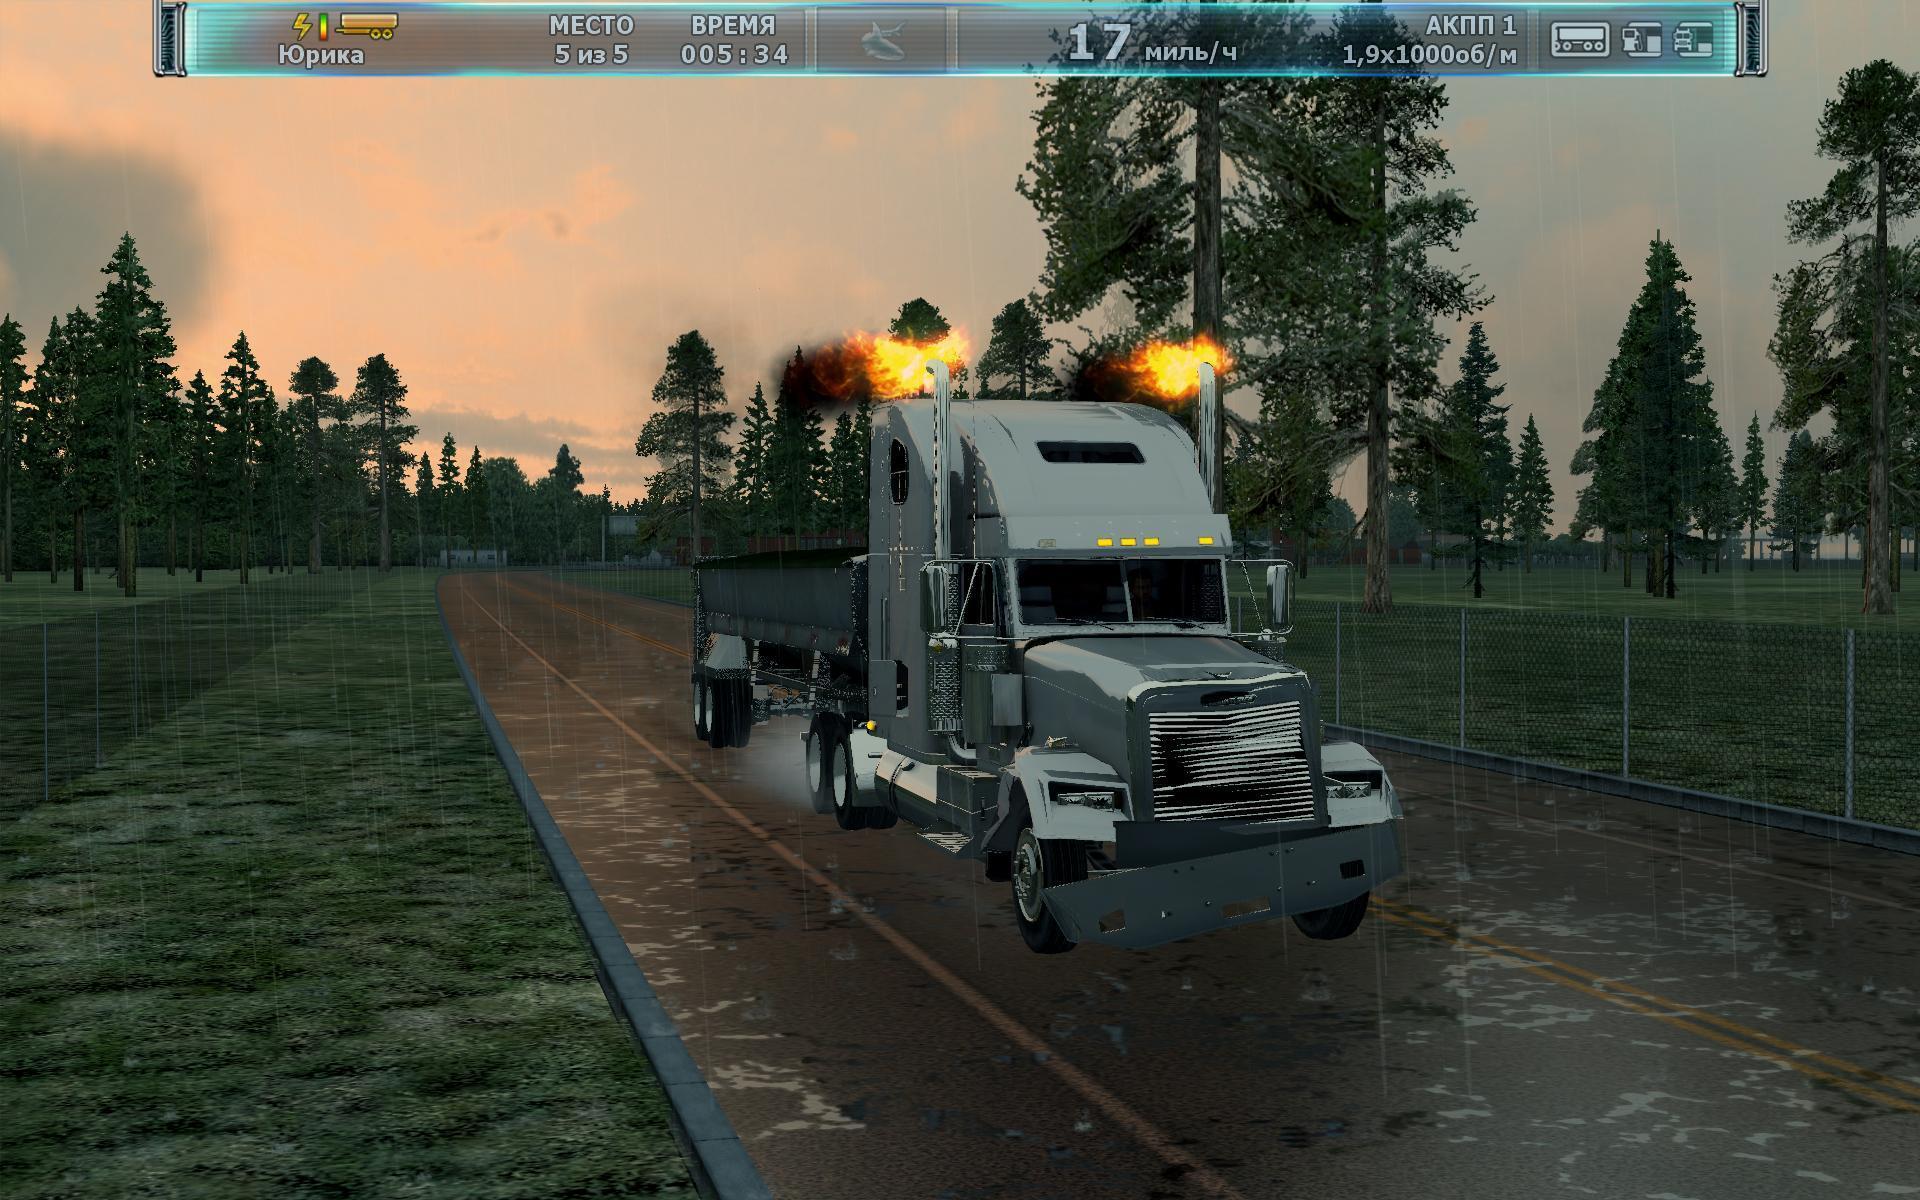 Дальнобойщики 2 сохранение - Сохранения - Игромир ПК.